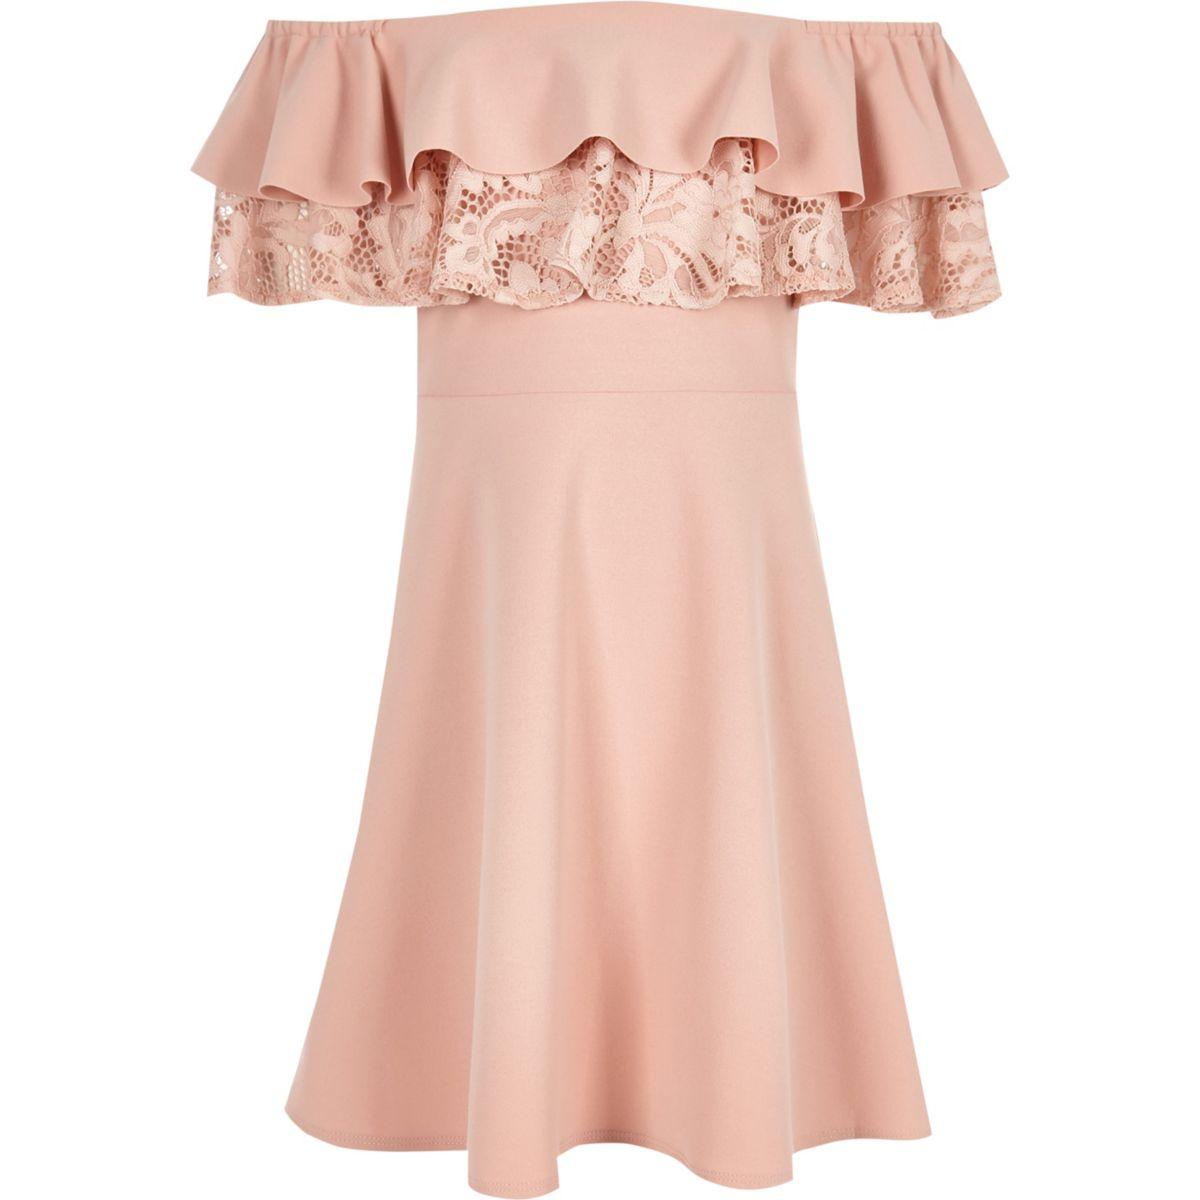 Pinkes Bardot-Kleid aus Spitze